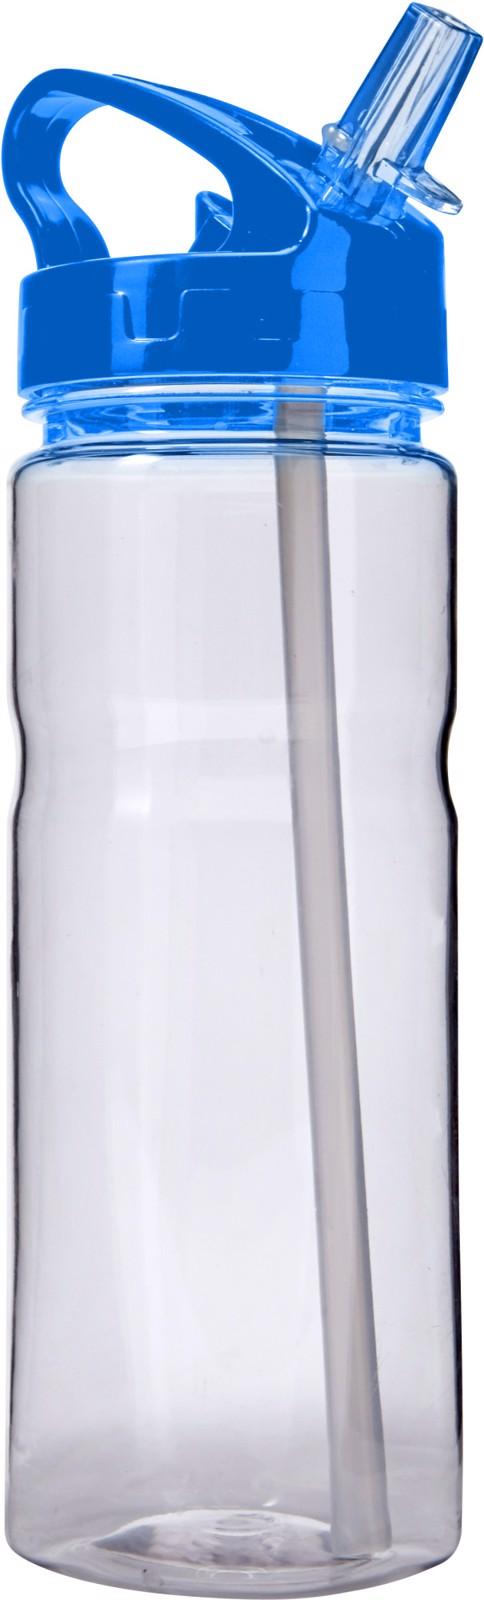 Tritan bottle - Cobalt Blue